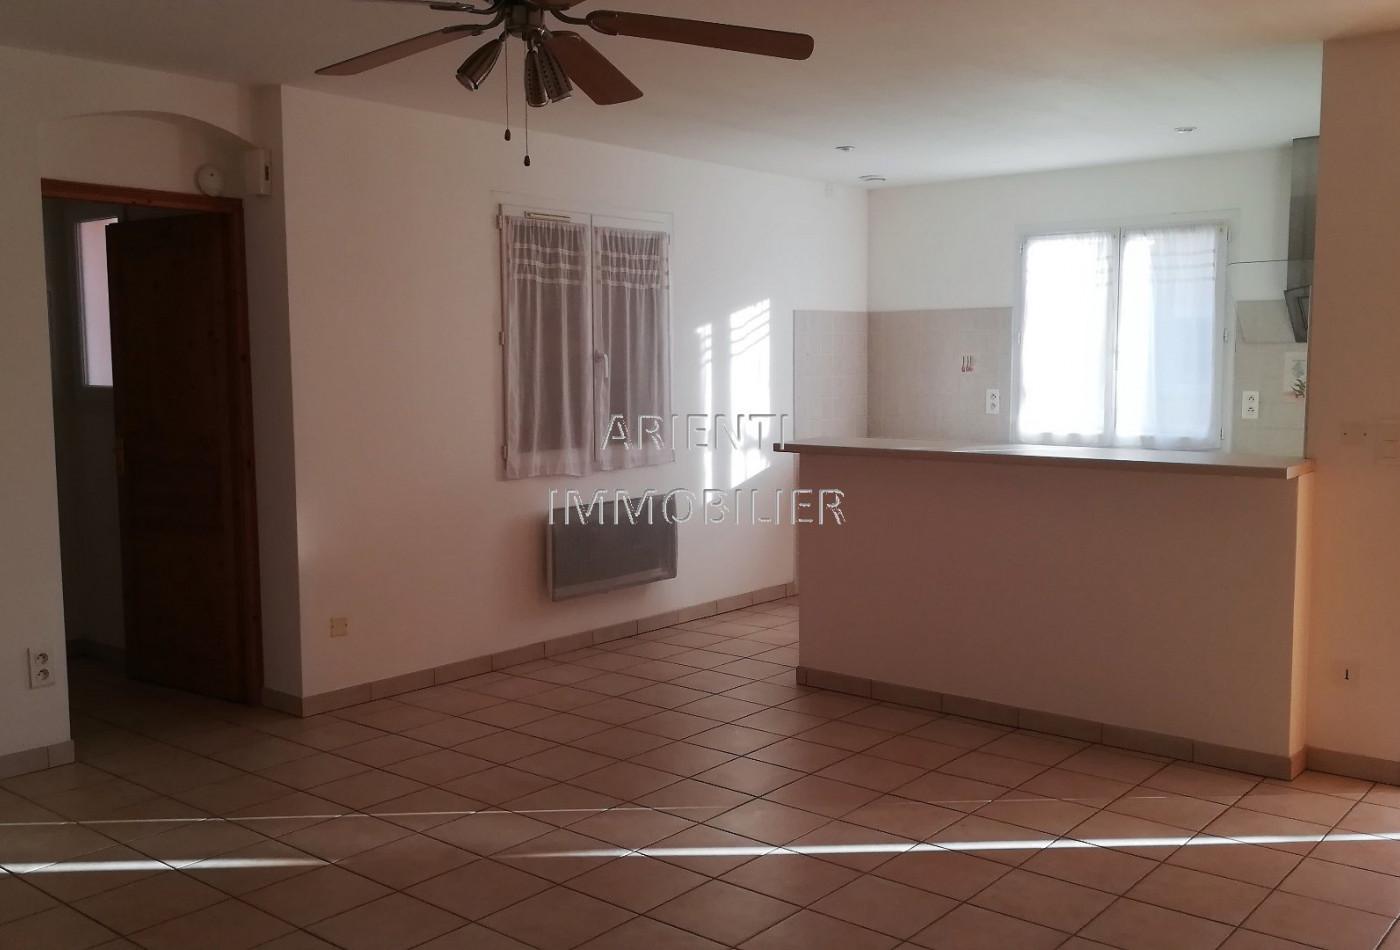 maison en location à valreas, réf.260012928   office immobilier arienti